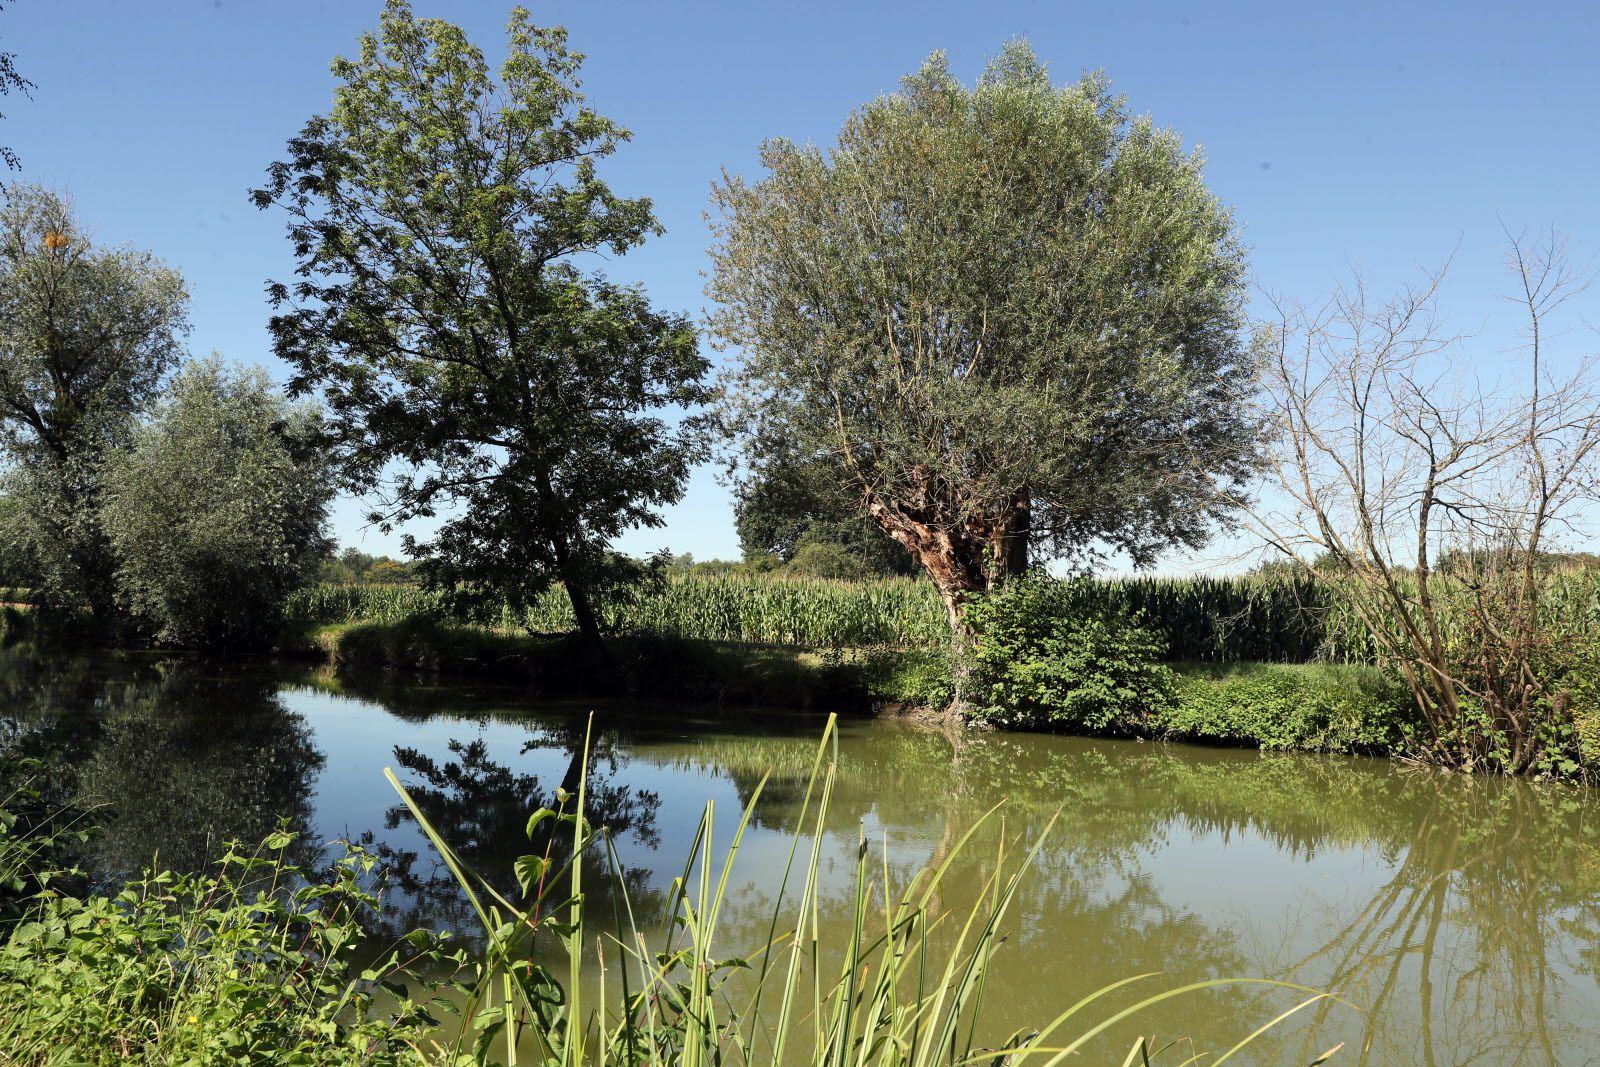 À Blaesheim, le long de l'étang de pêche du Hanfbach, les saules têtards argentés, variétés les plus communes, font partie du paysage.   Photo L'Alsace /Thierry Gachon (Cliquer pour agrandir)